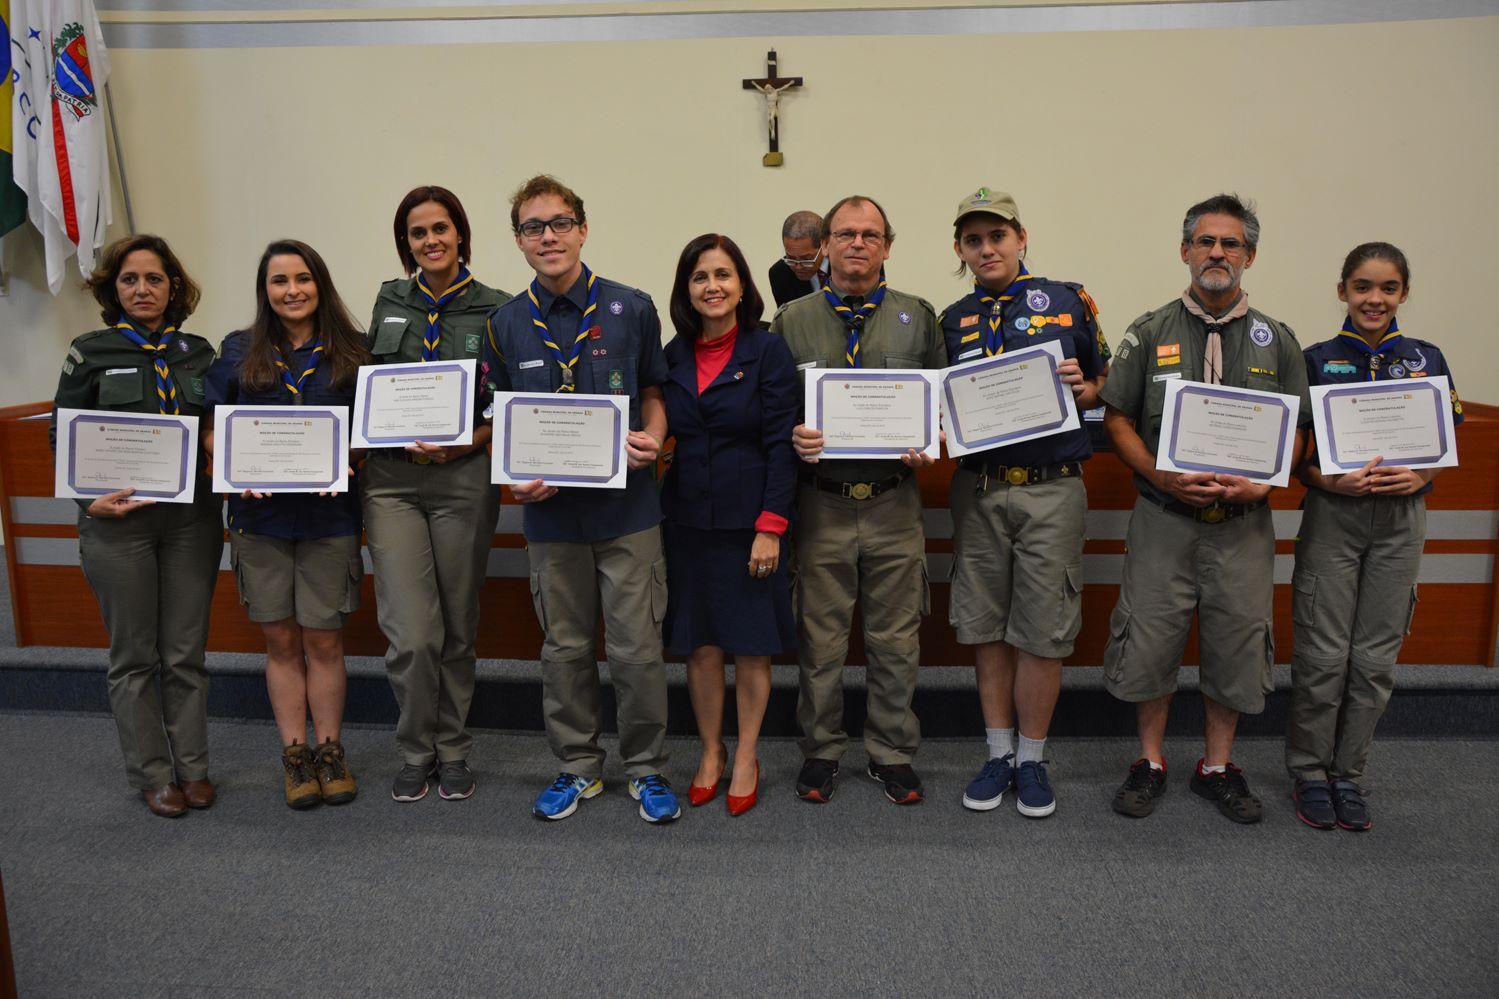 Clipping: Escoteiros serão homenageados com Diploma de Mérito pela Câmara Municipal de Araras